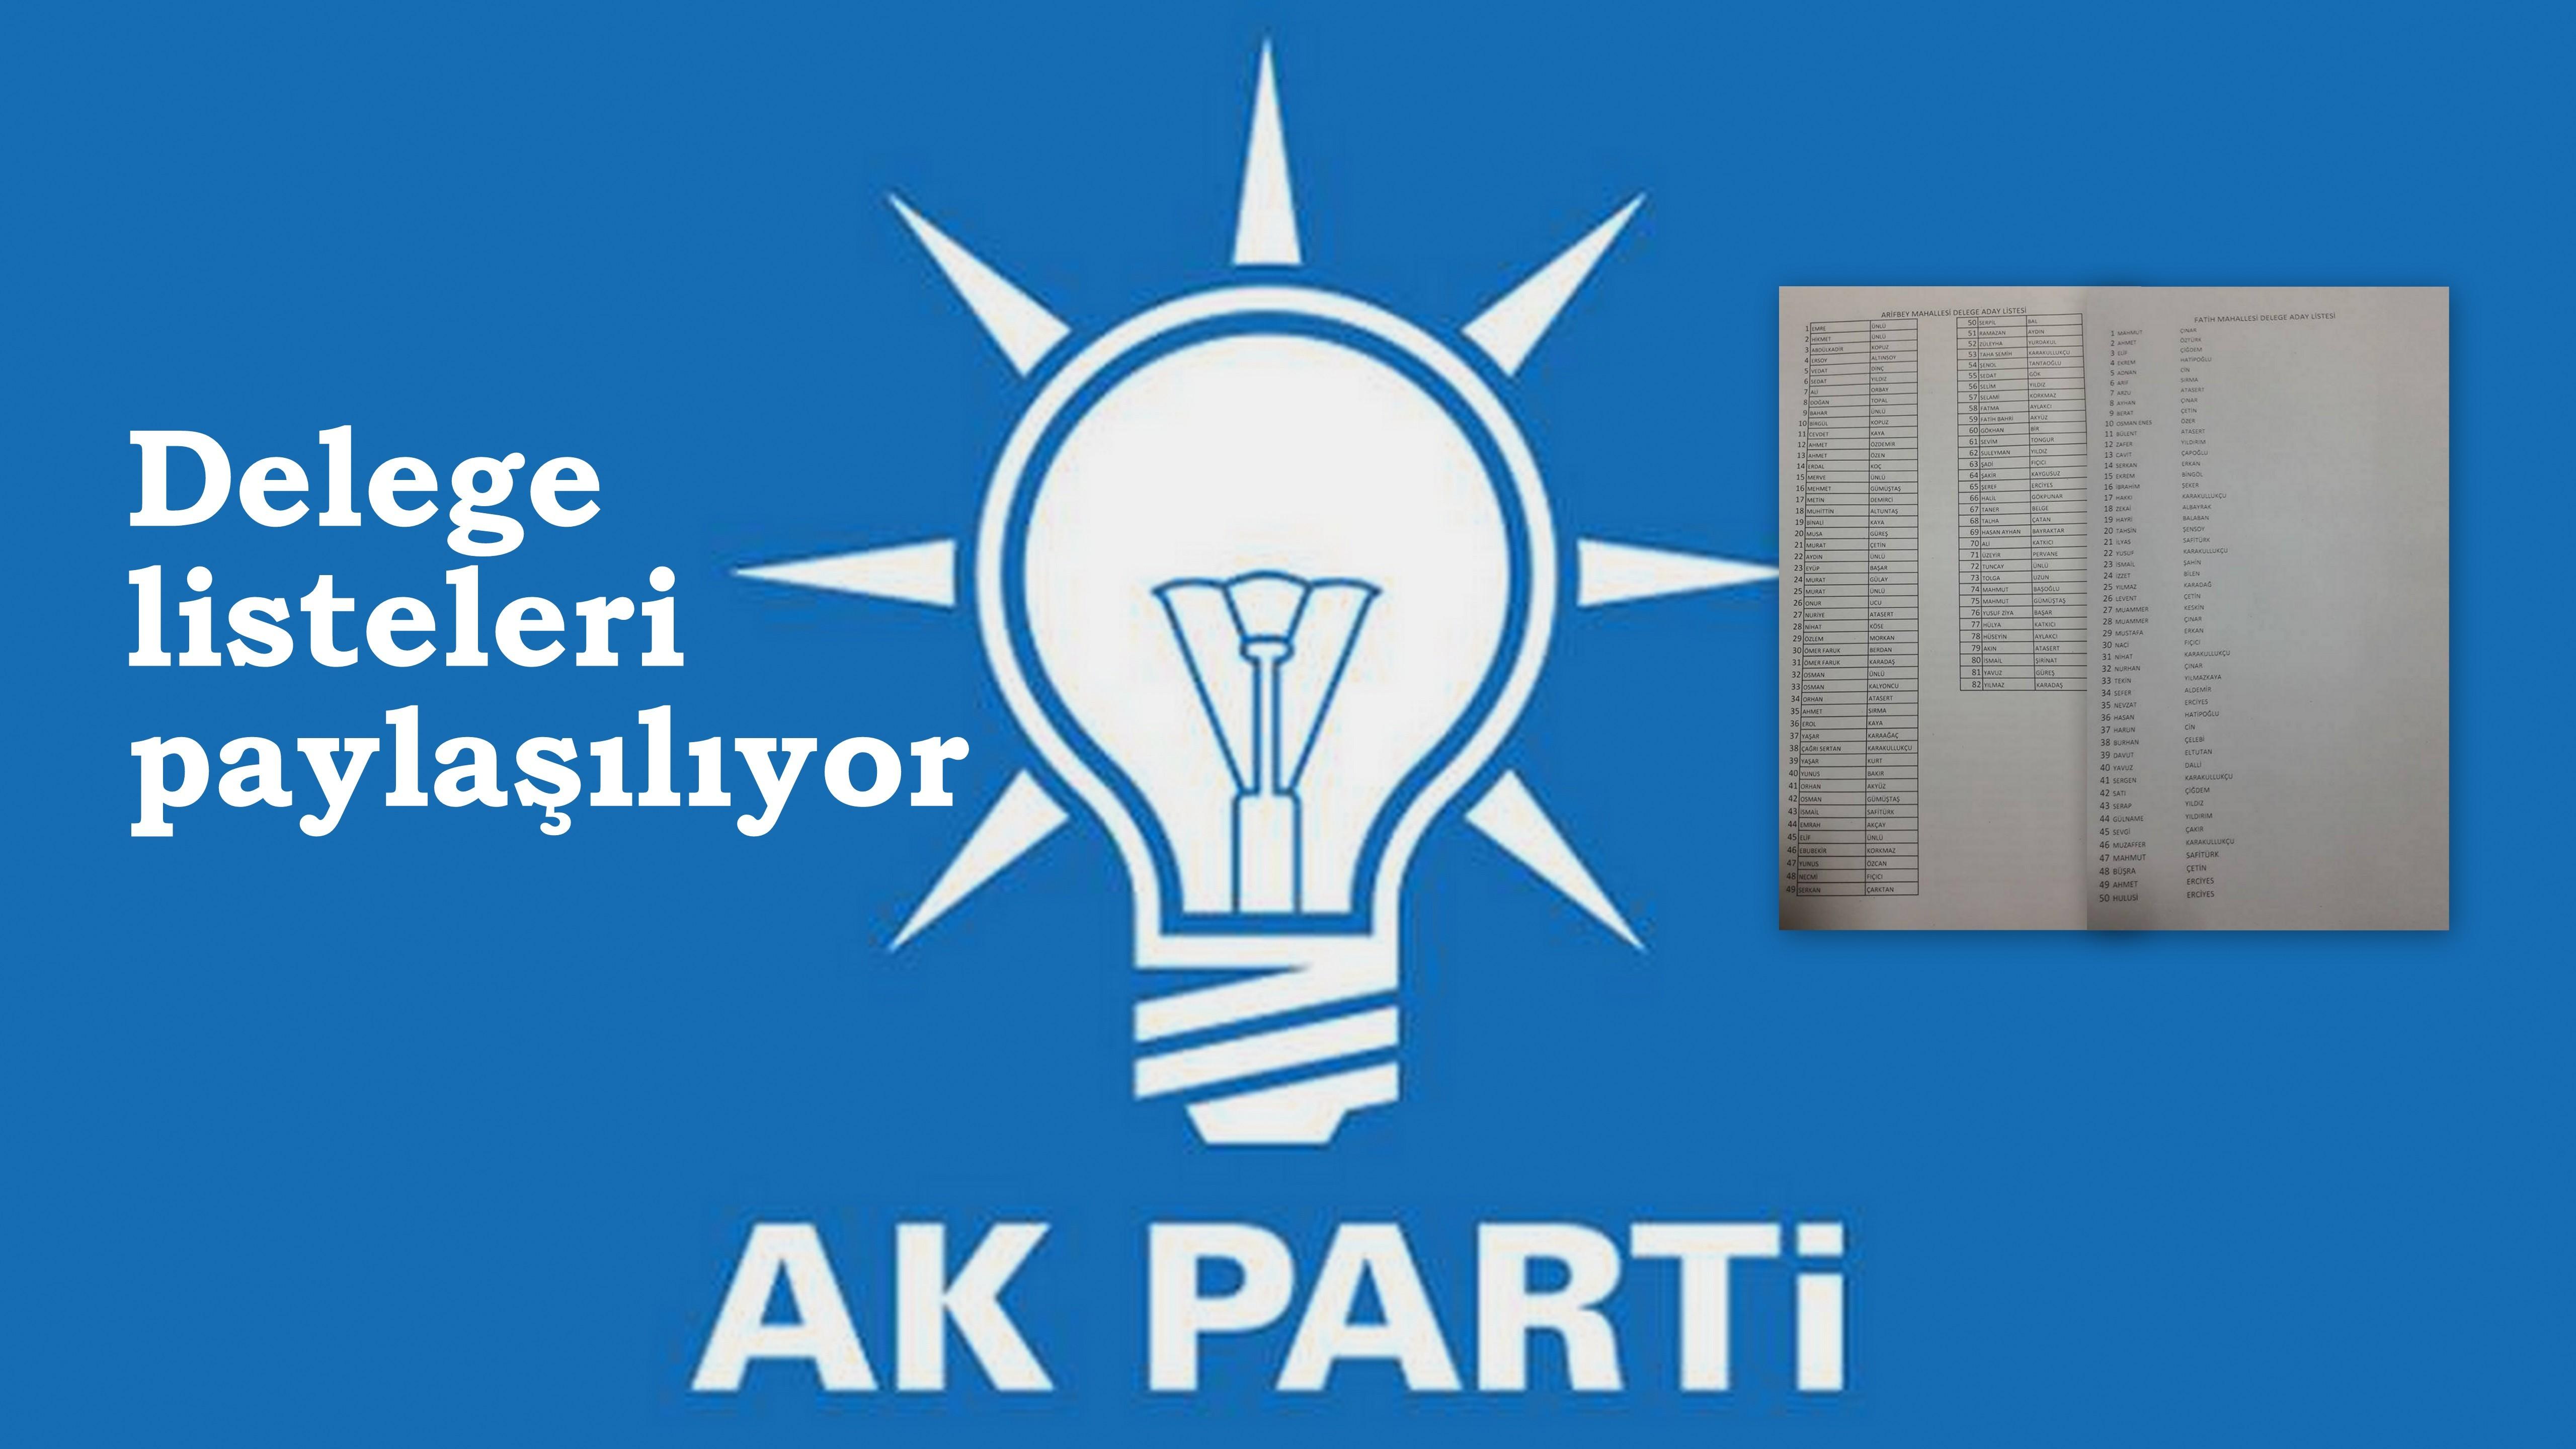 Ak Parti Arifiye İlçe Teşkilatı Delege listelerini paylaşıyor